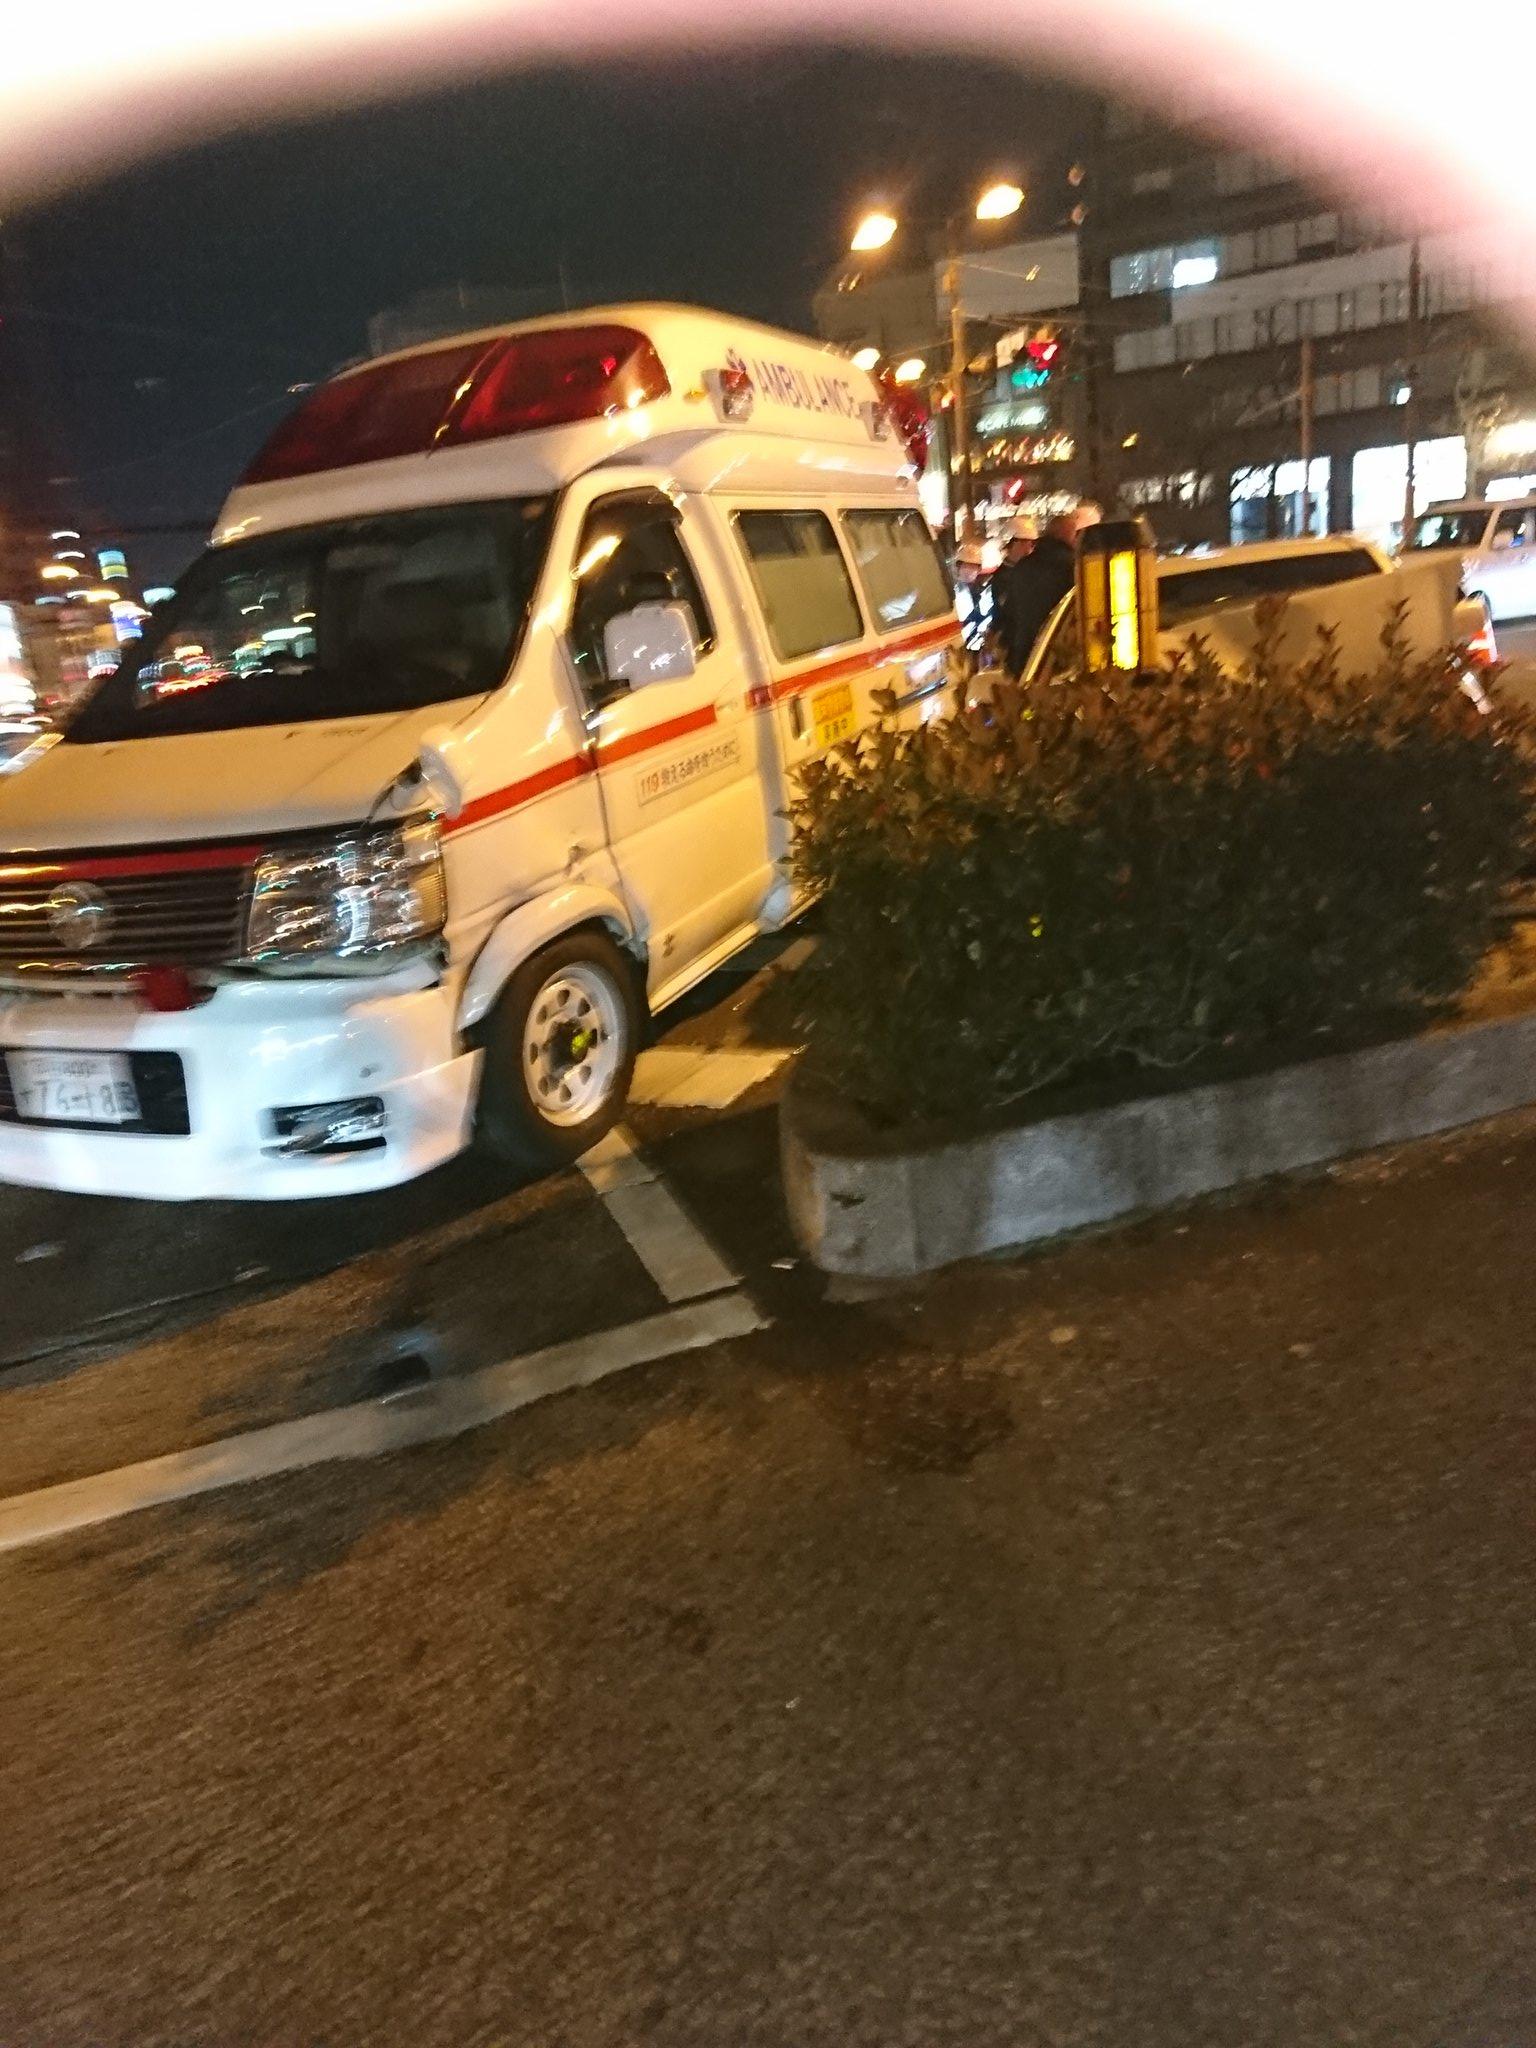 画像,柳川交差点で救急車と一般車が事故ってる大きな怪我なければいいけど! https://t.co/2ccoLqsN1s。